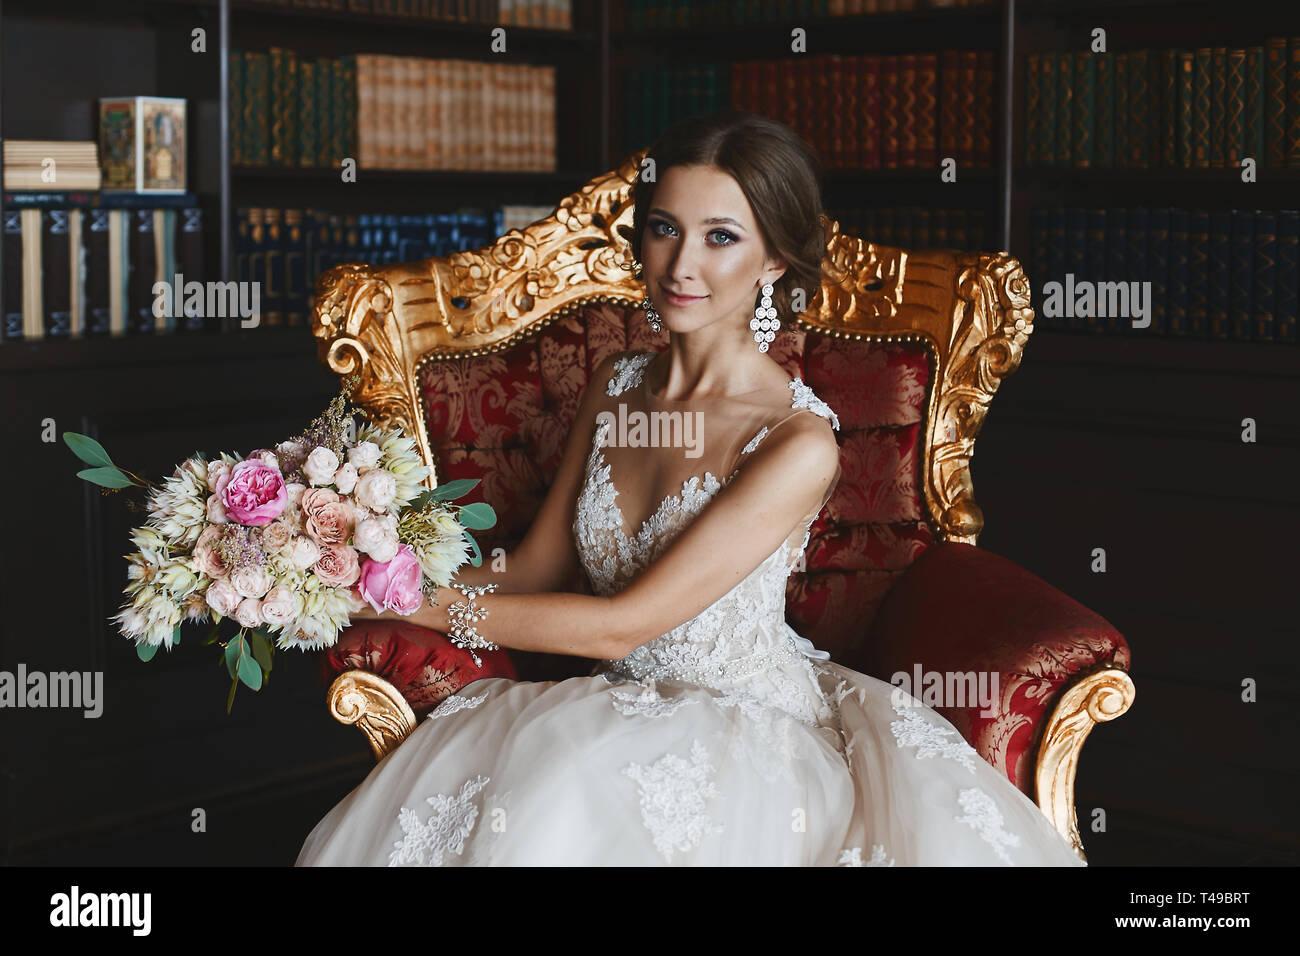 5b6279803c Niña morena de moda con maquillaje y brillante con elegantes aretes de moda  vestido de novia